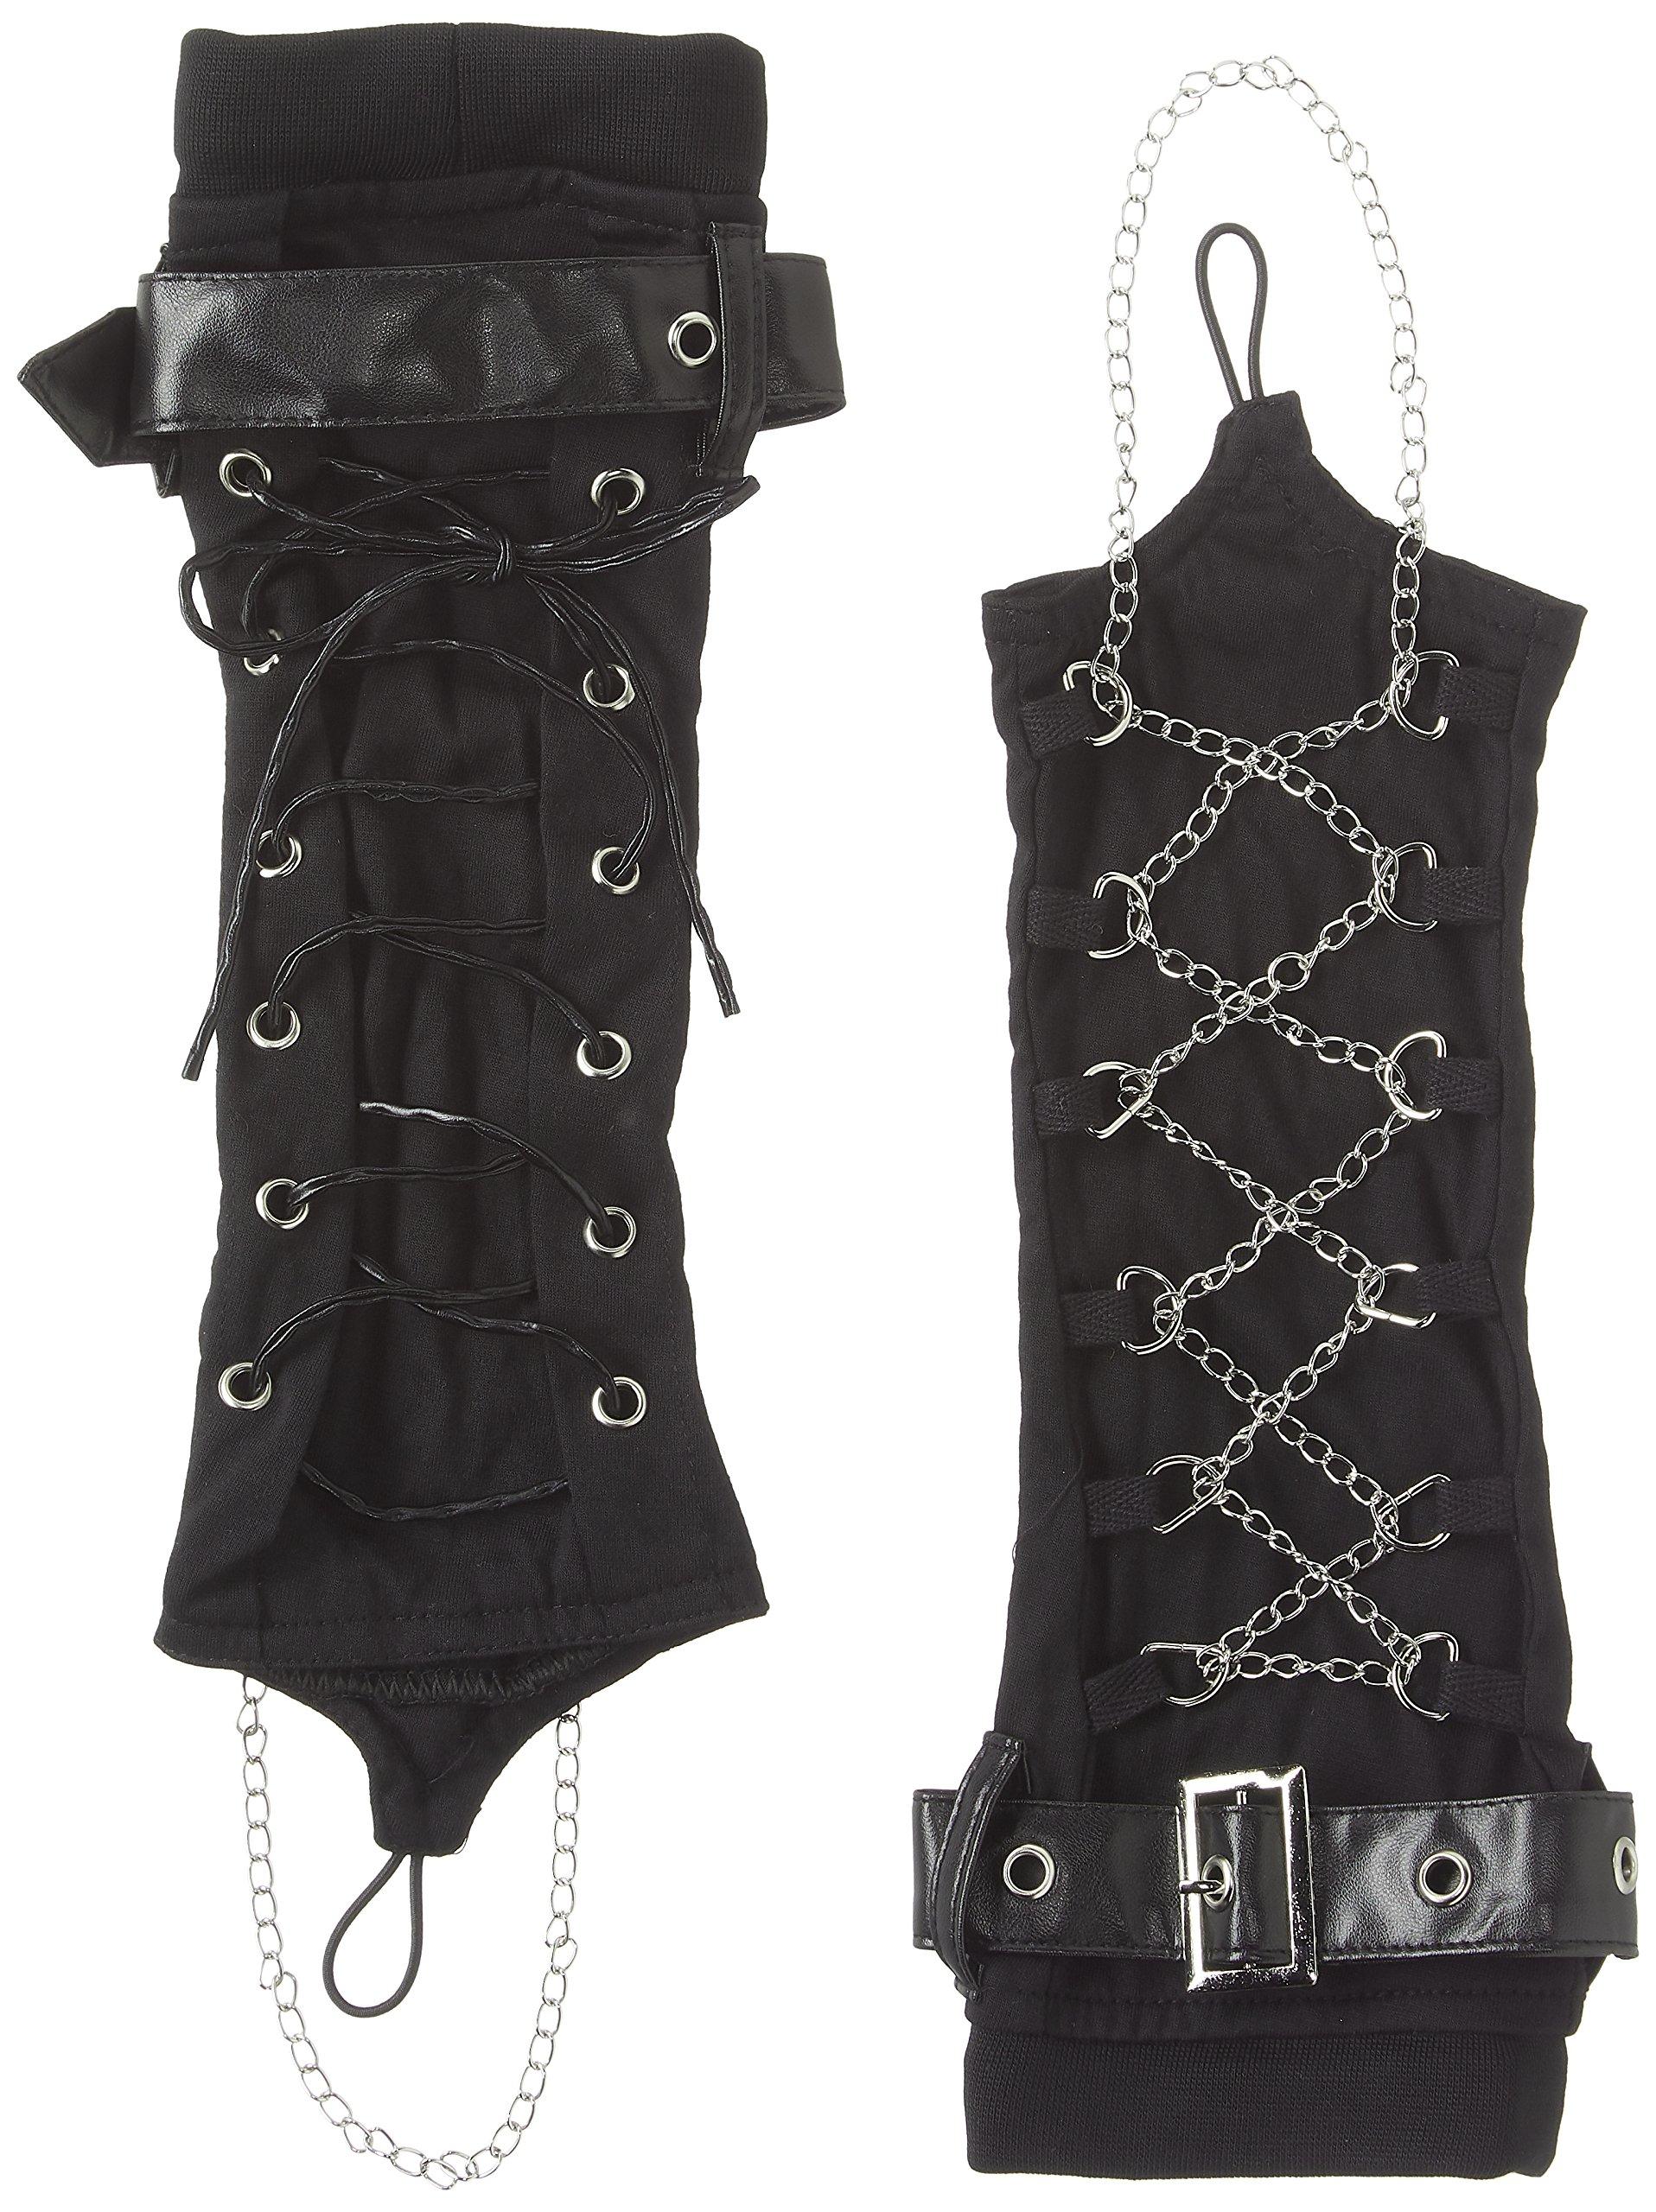 Hippies Women's Mittens Arm warmmer Punk Vkei Gothic Rock One Size,Black 8532